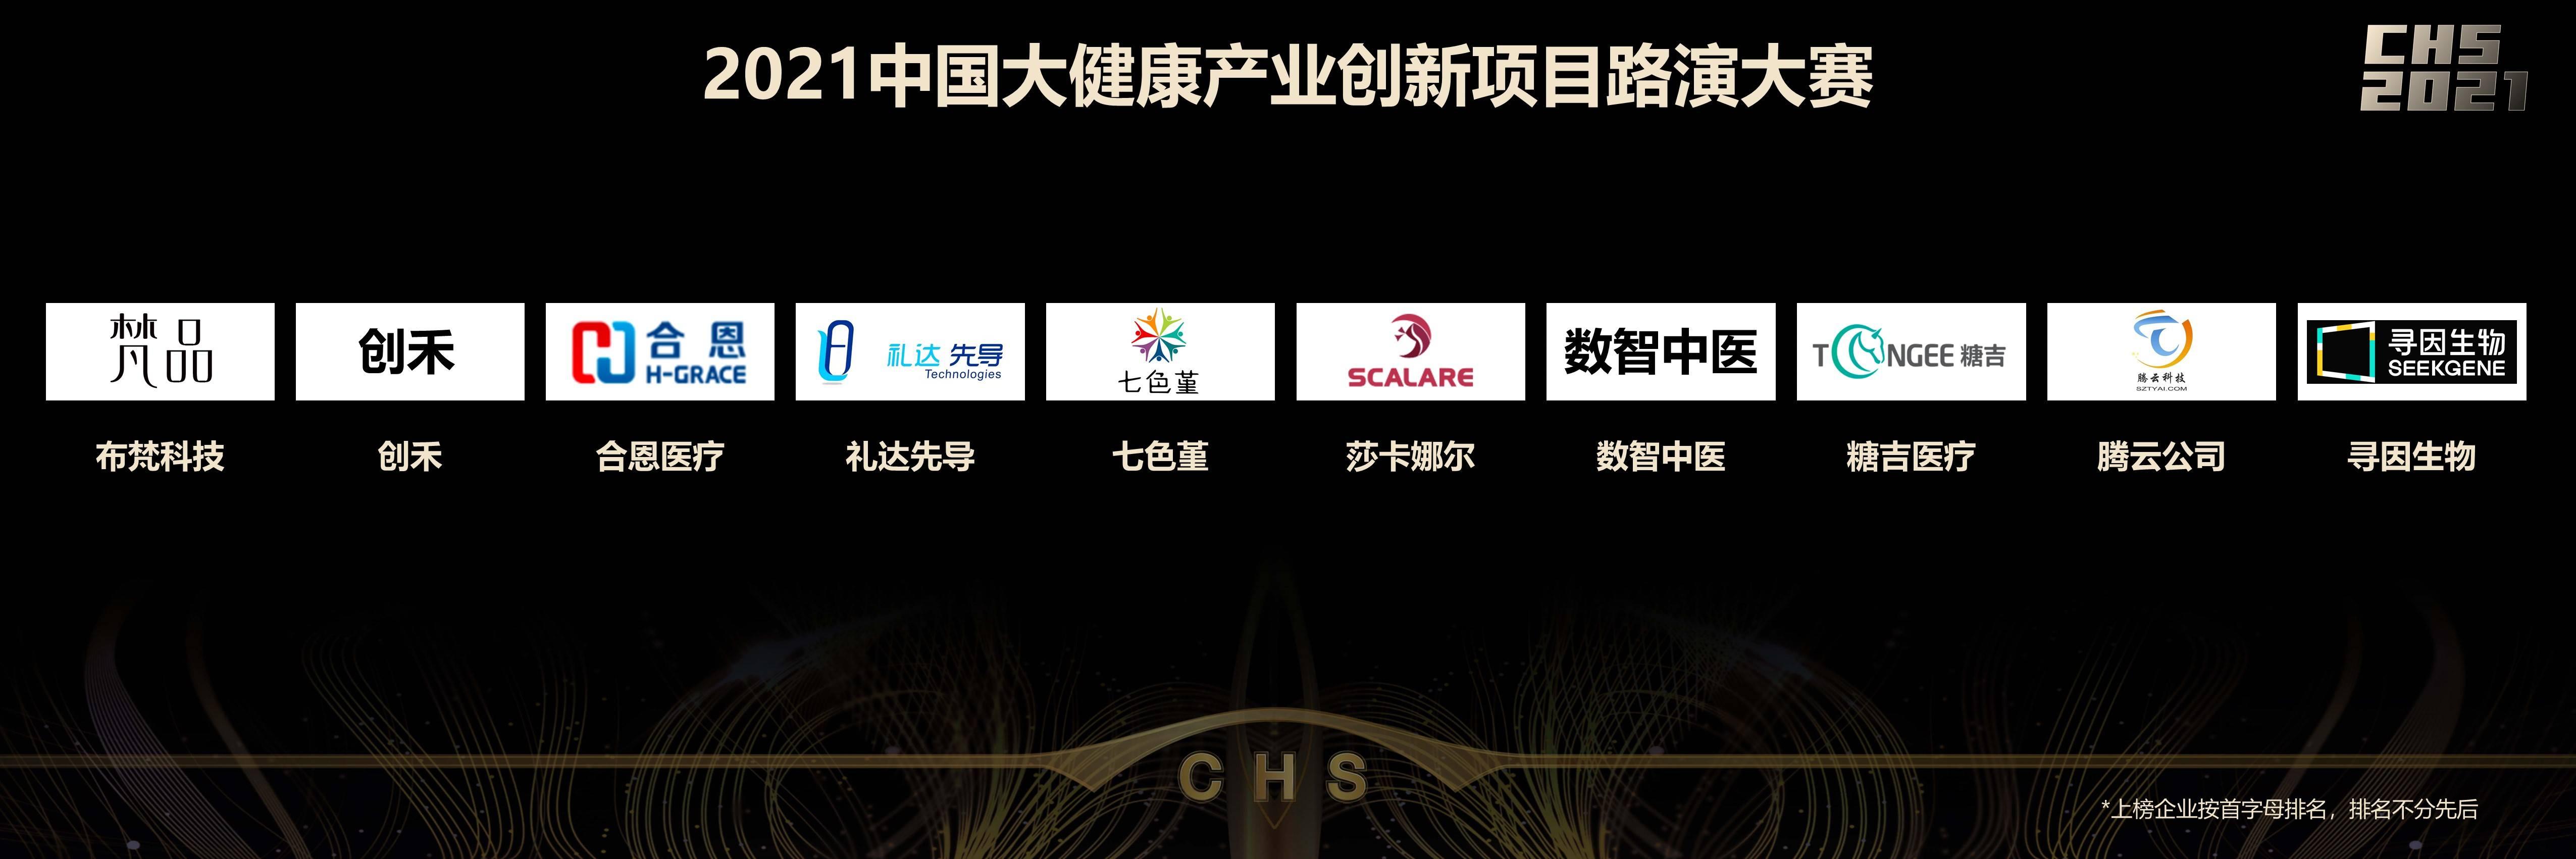 2021中国大健康产业创新项目路演大赛